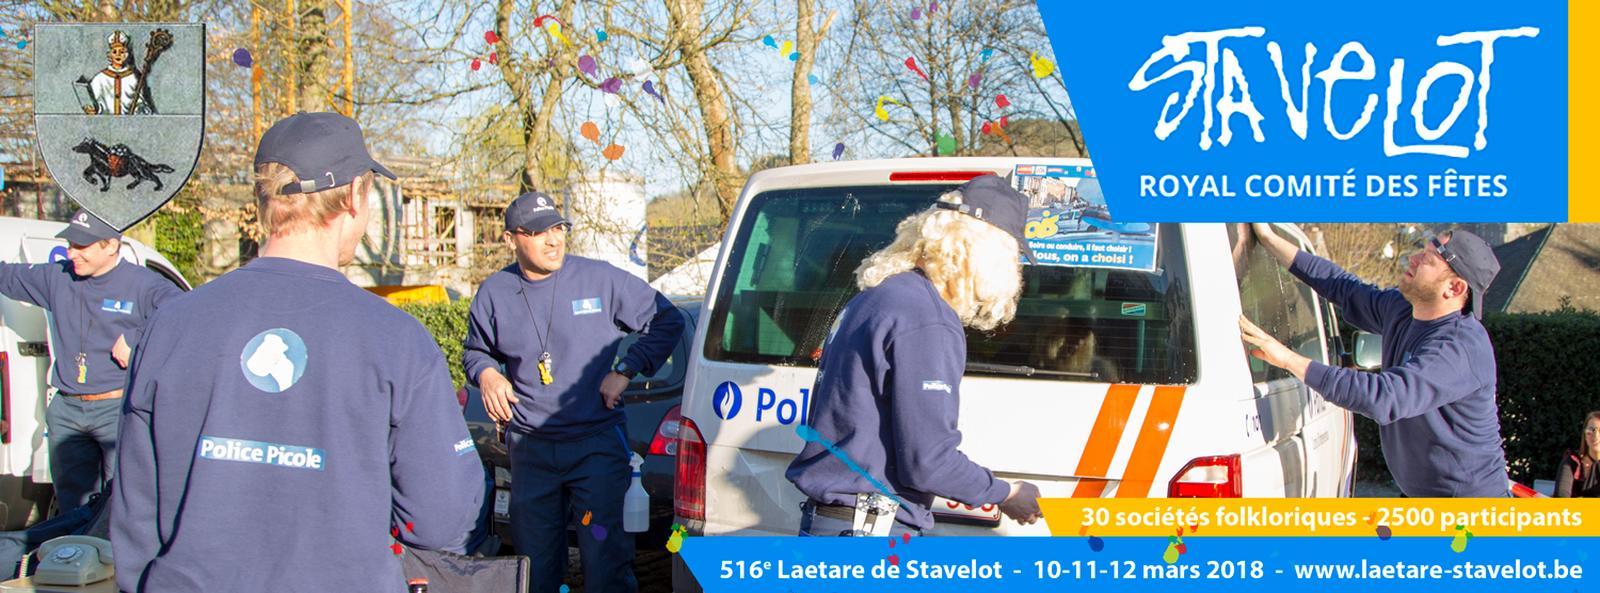 Laetare-Stavelot-Ordonnance-de-Police-2018